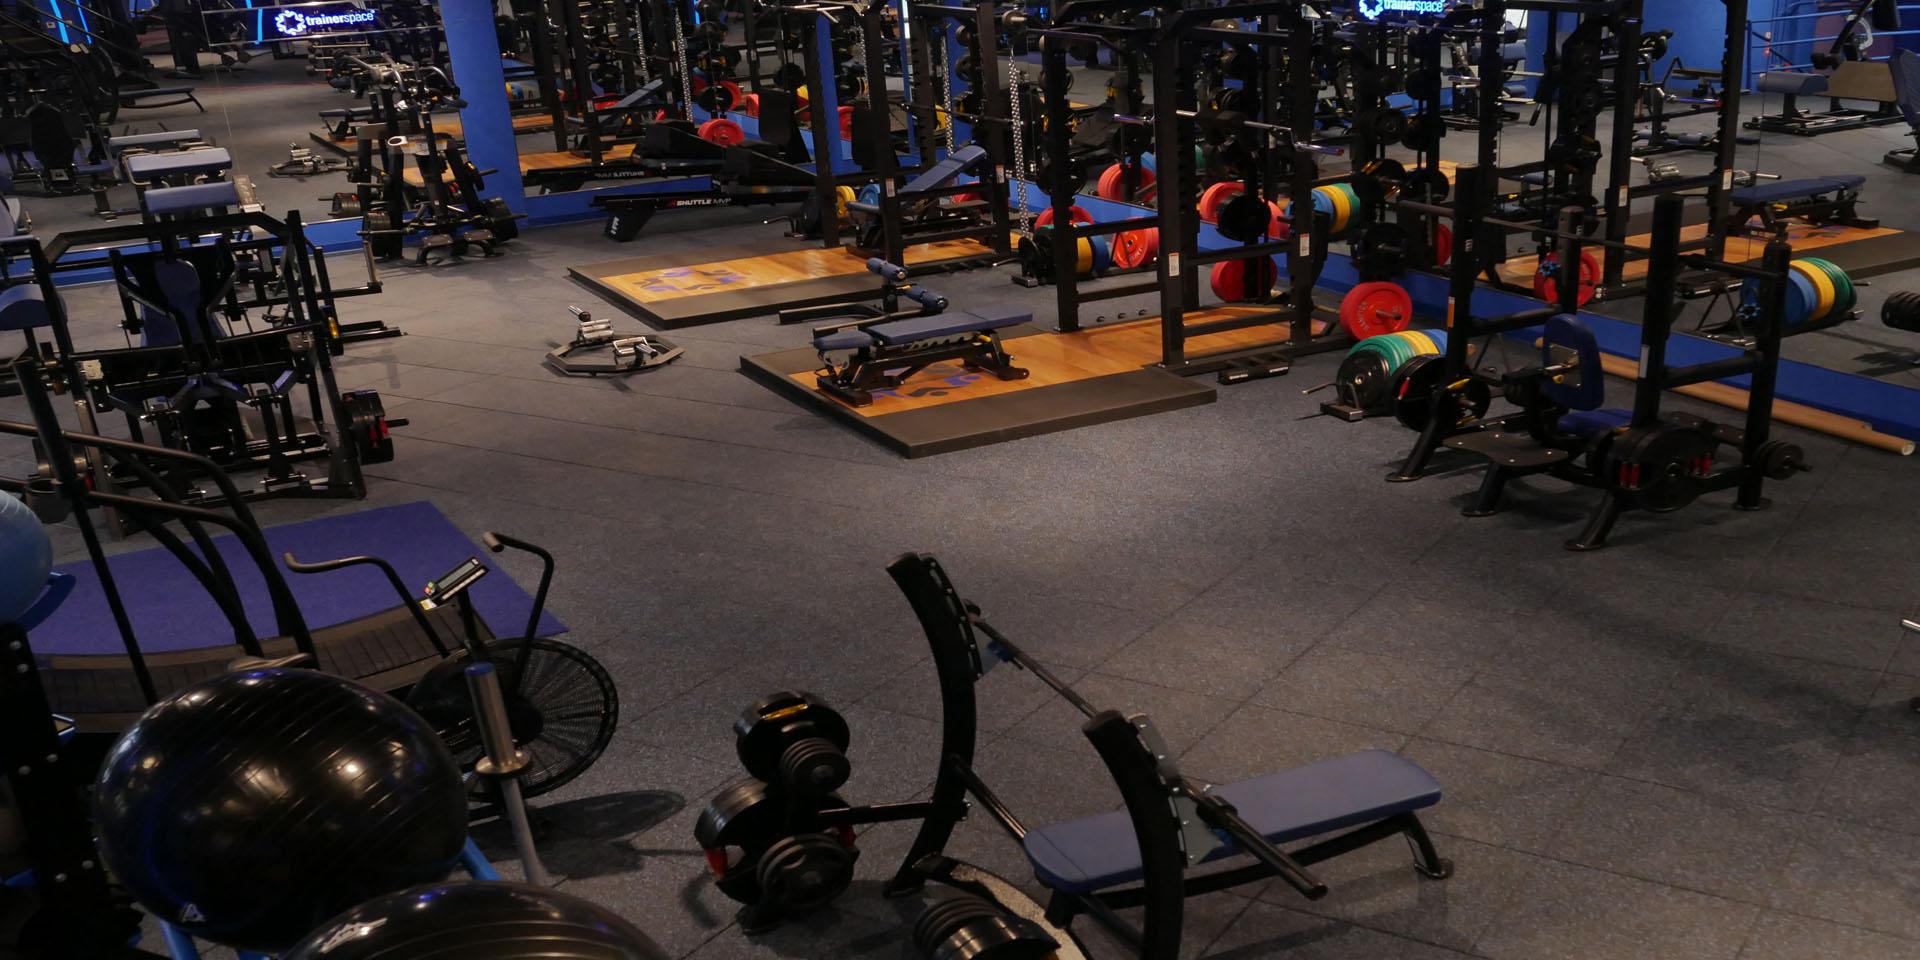 fitness centre flooring